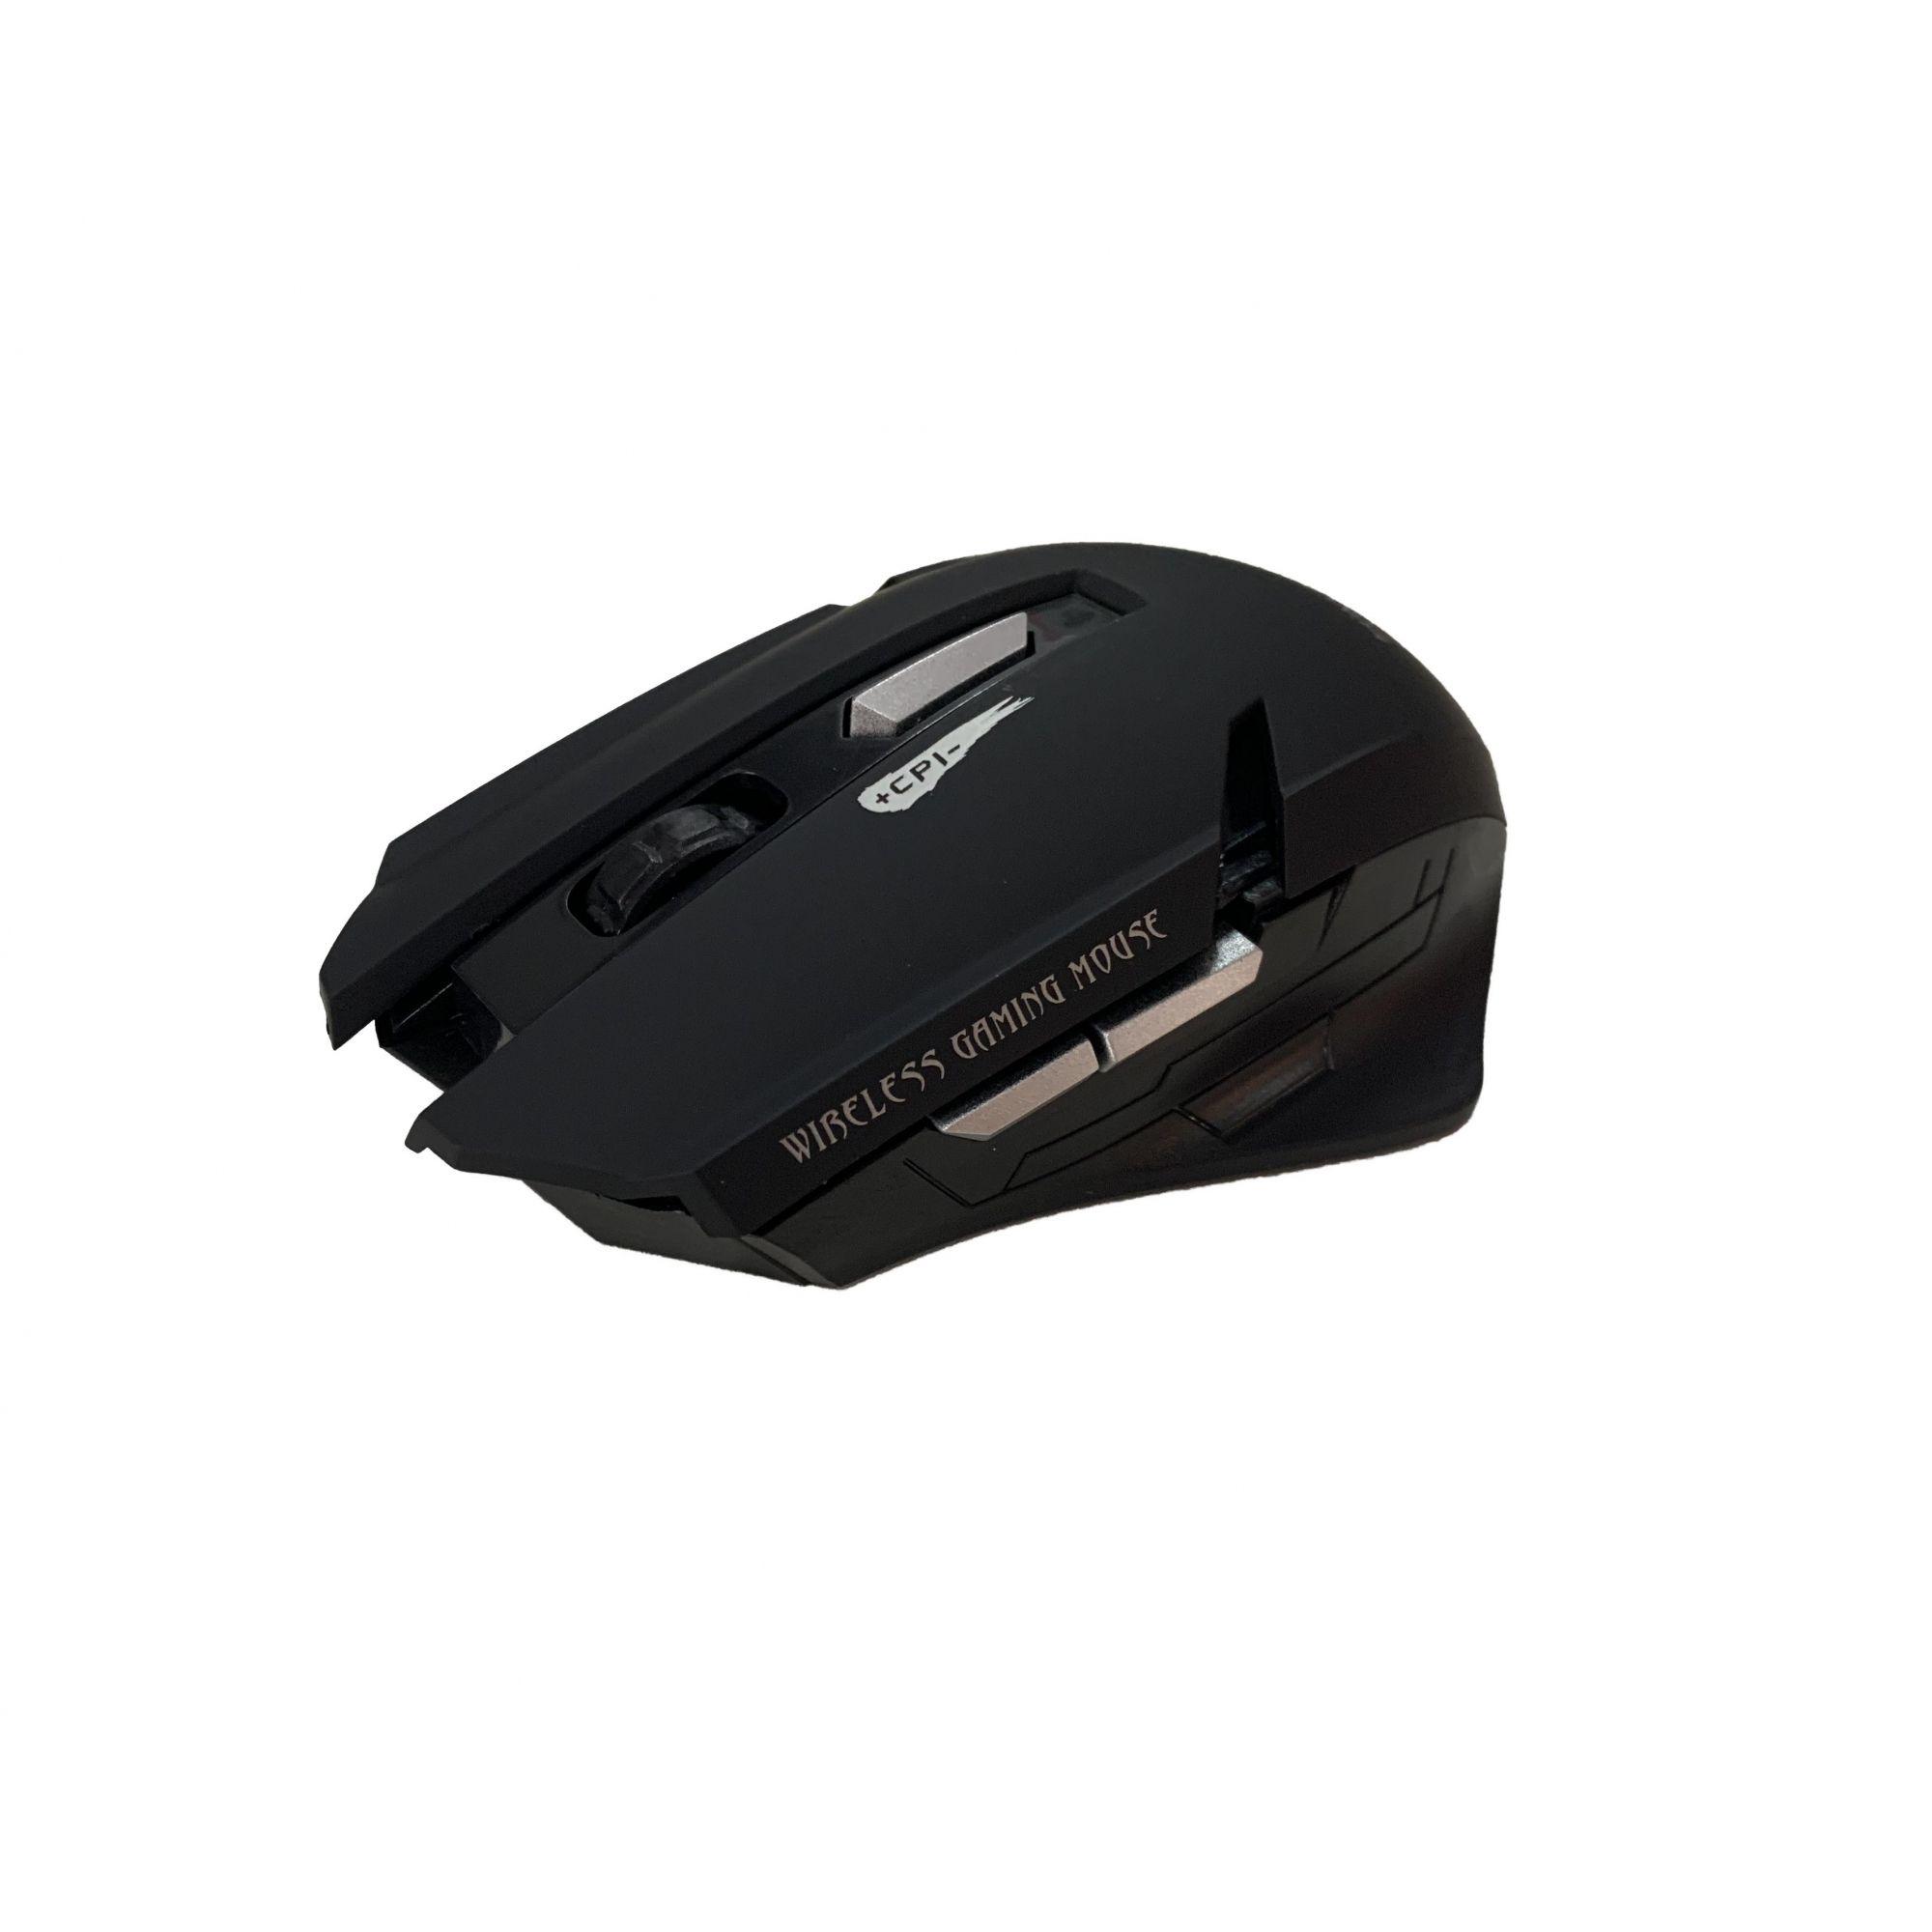 Mouse Gamer Wirelles Hmaston 2.4Ghz E-1700 High Sensitive Series